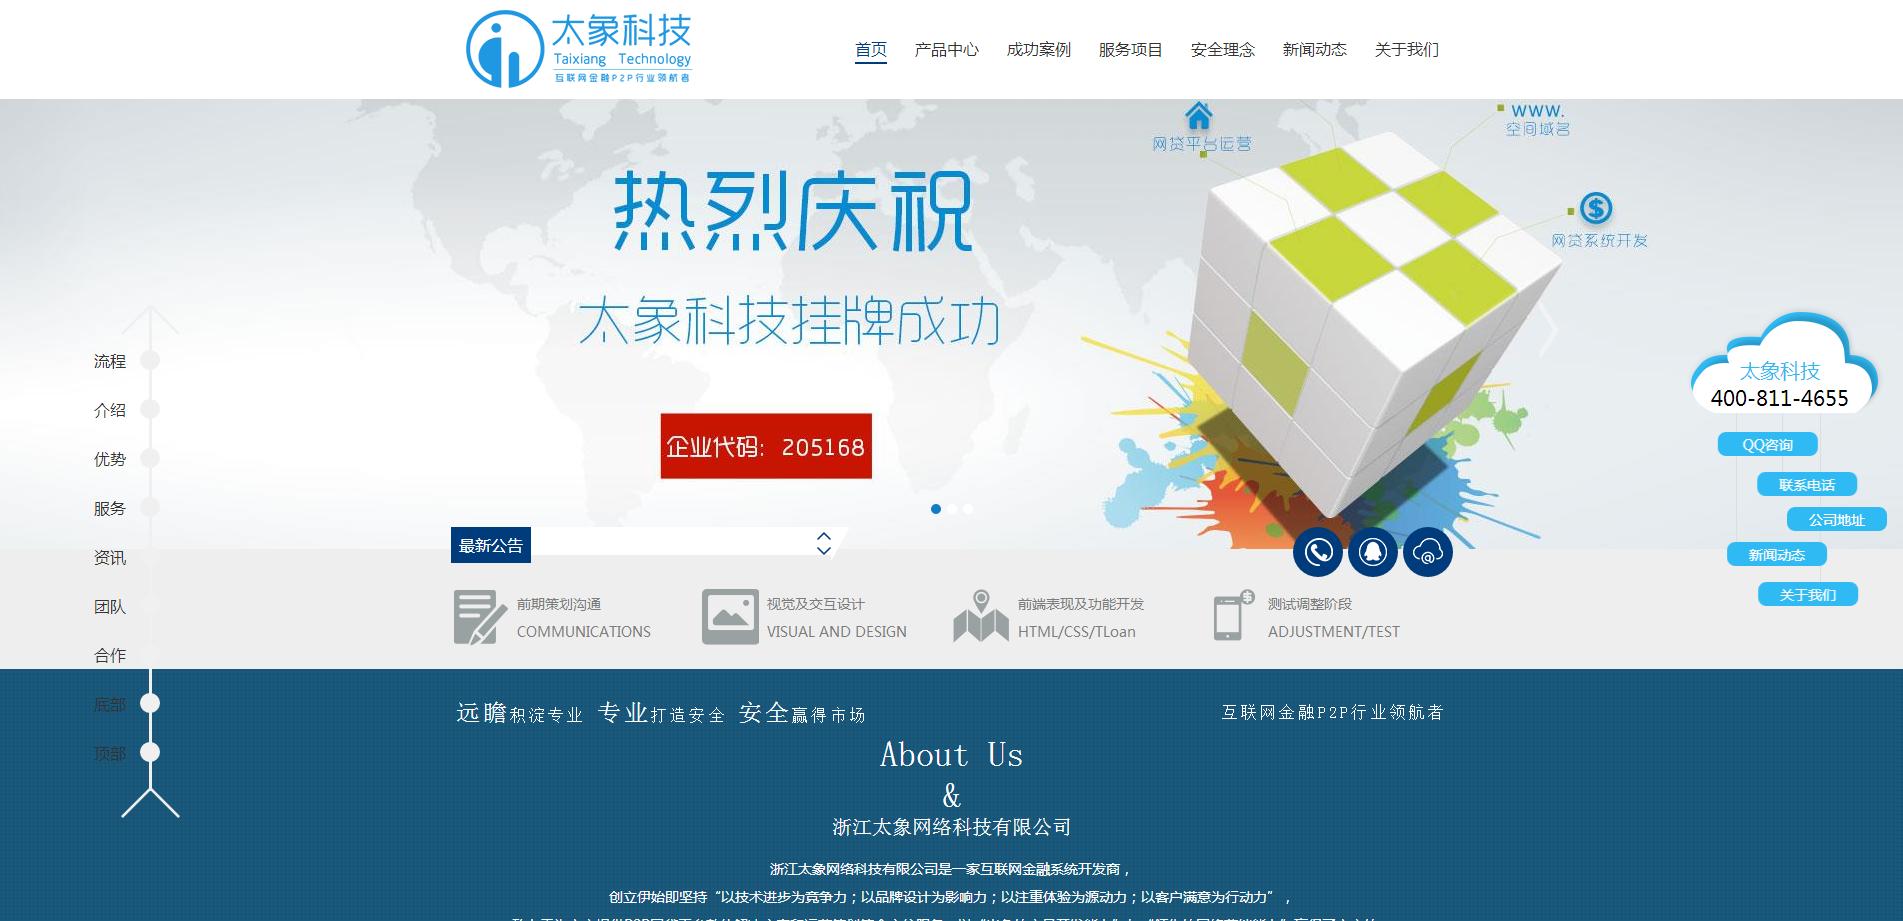 大气互联网金融P2P企业官网html5网页模板下载